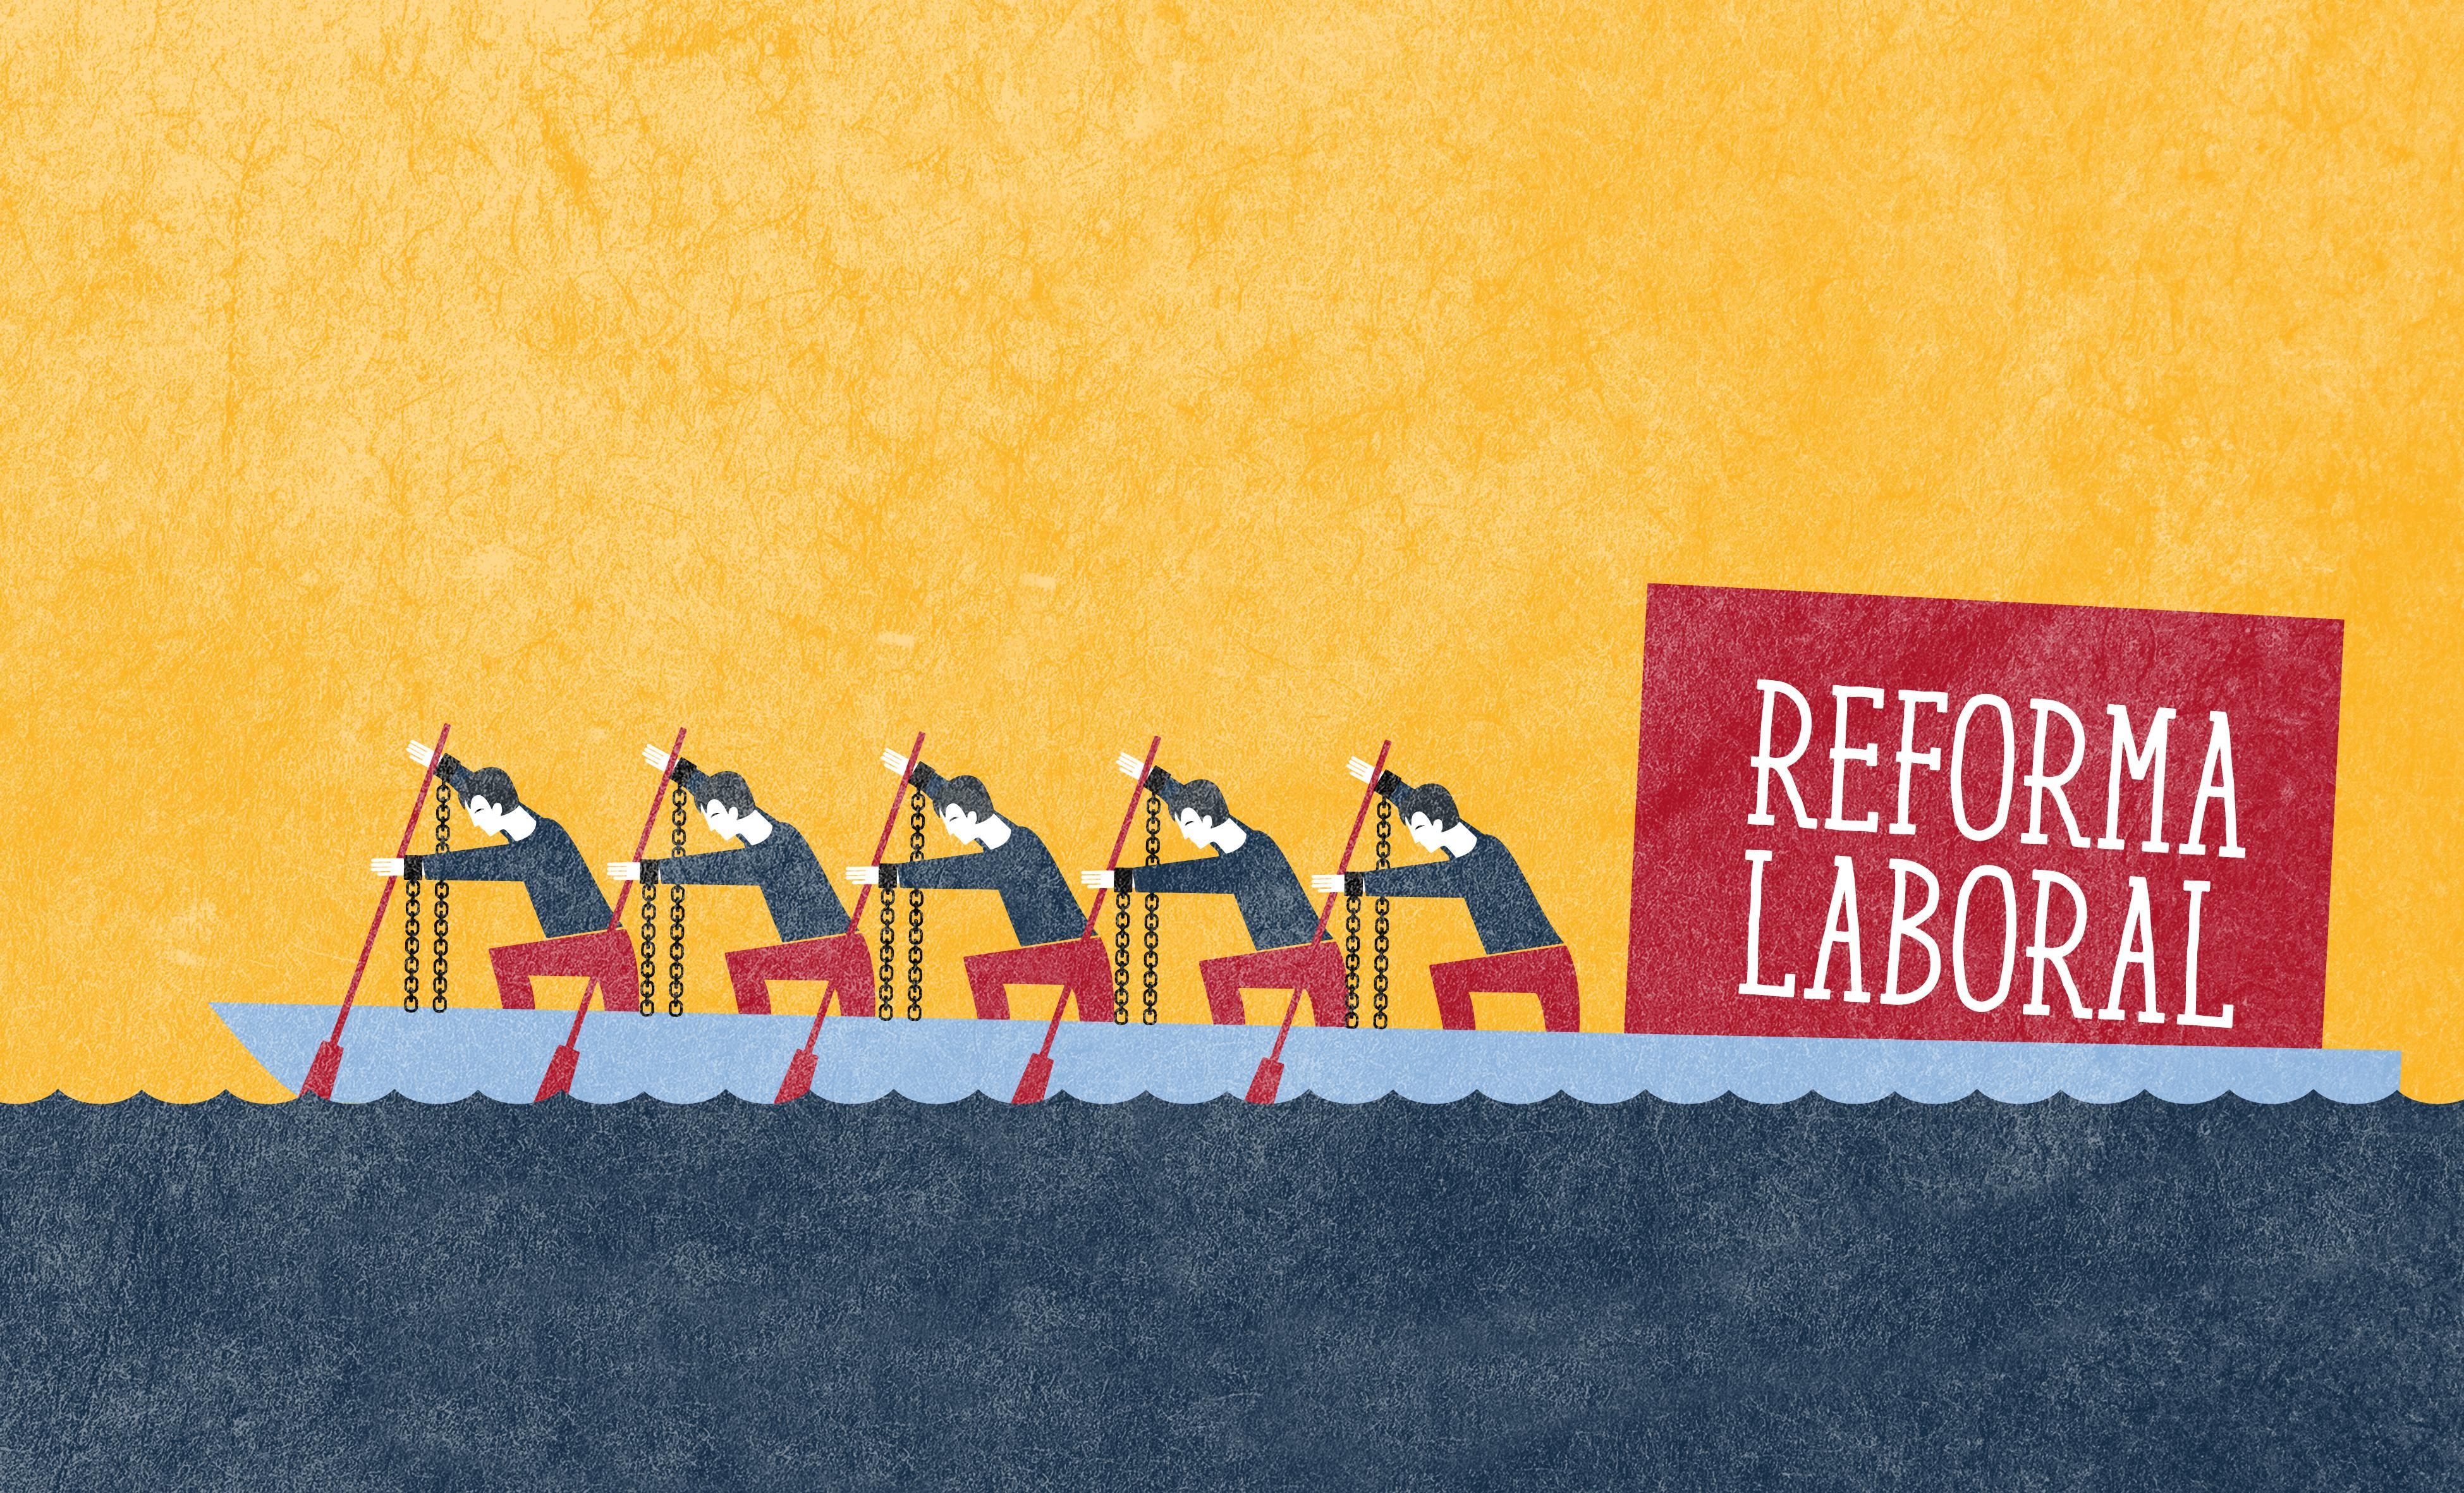 Reforma laboral: todo el poder a la CEOE | Periódico Diagonal